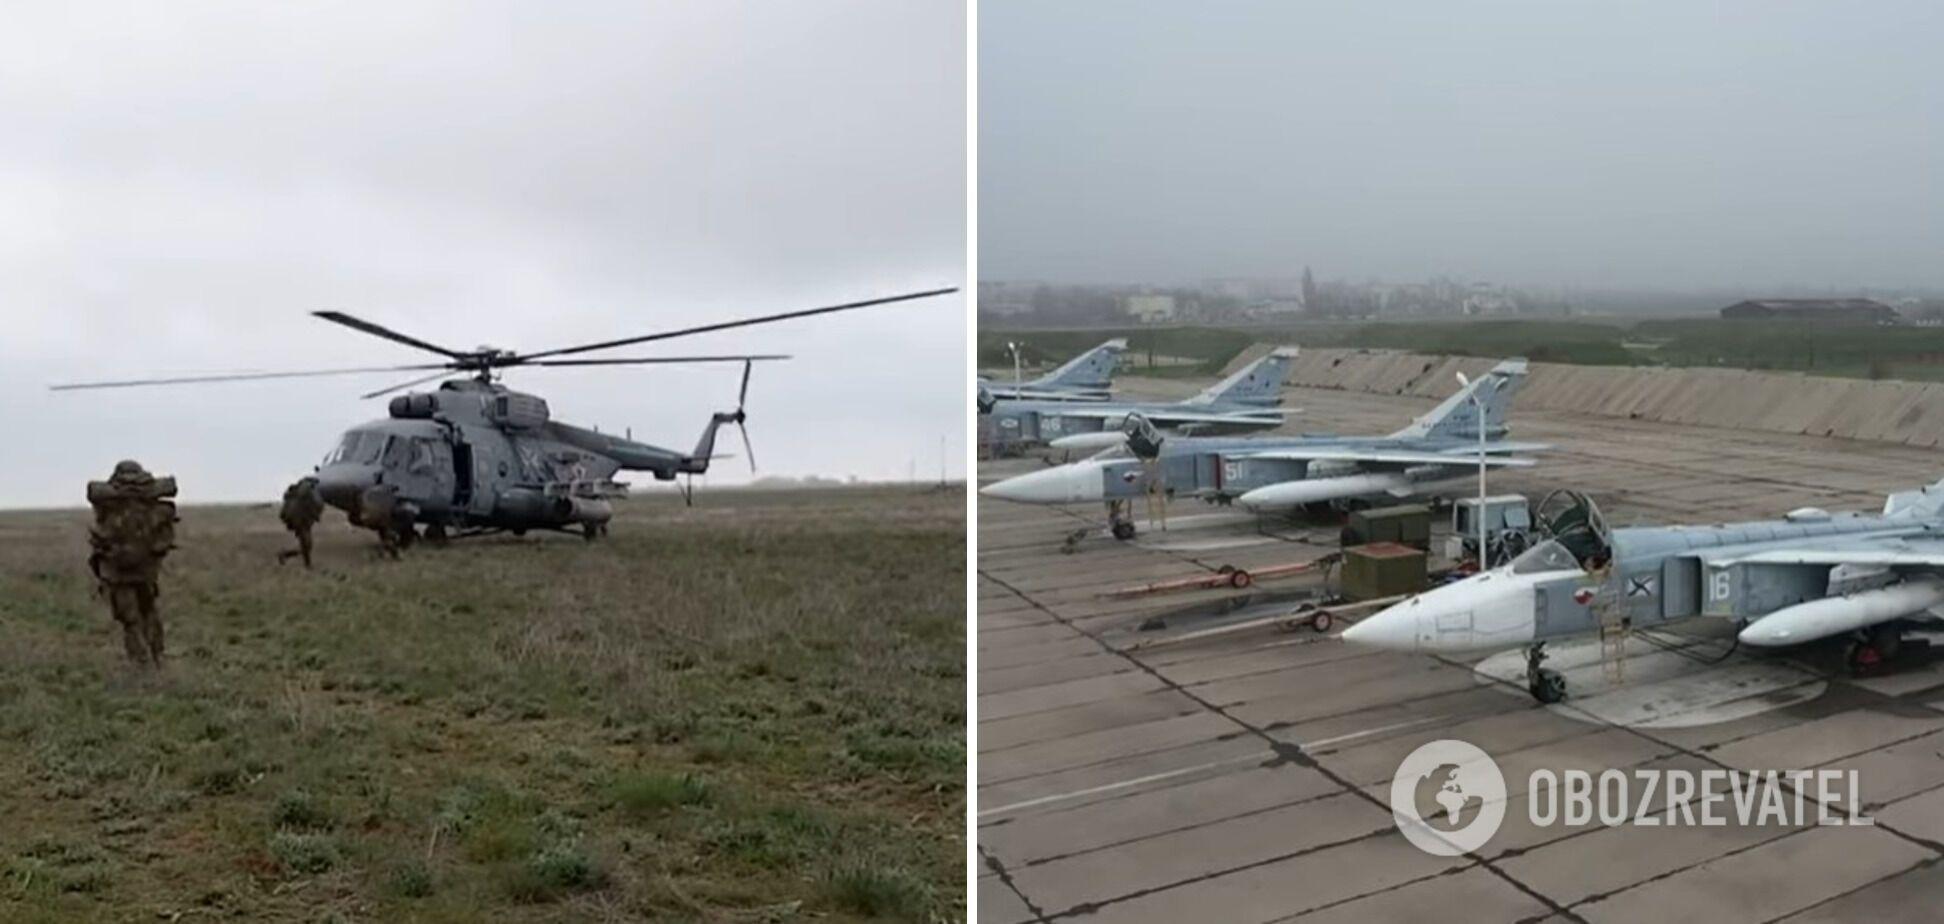 РФ стягнула військову техніку до Криму для навчань